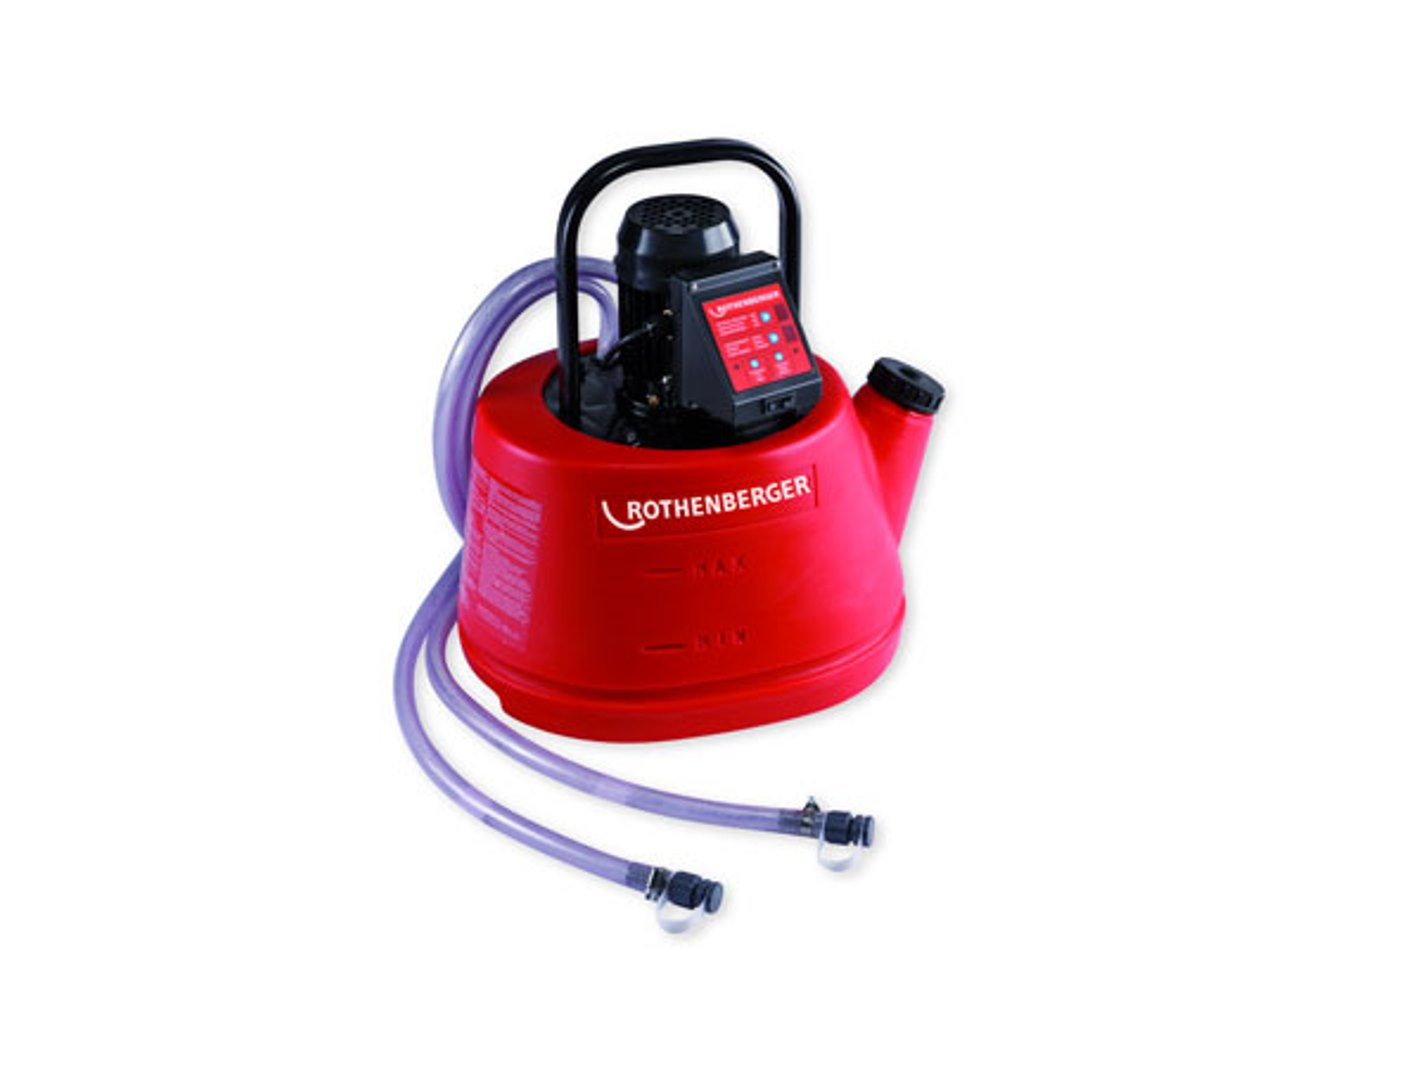 Насос электрический для удаления накипи Rothenberger Romatic 20 61190r